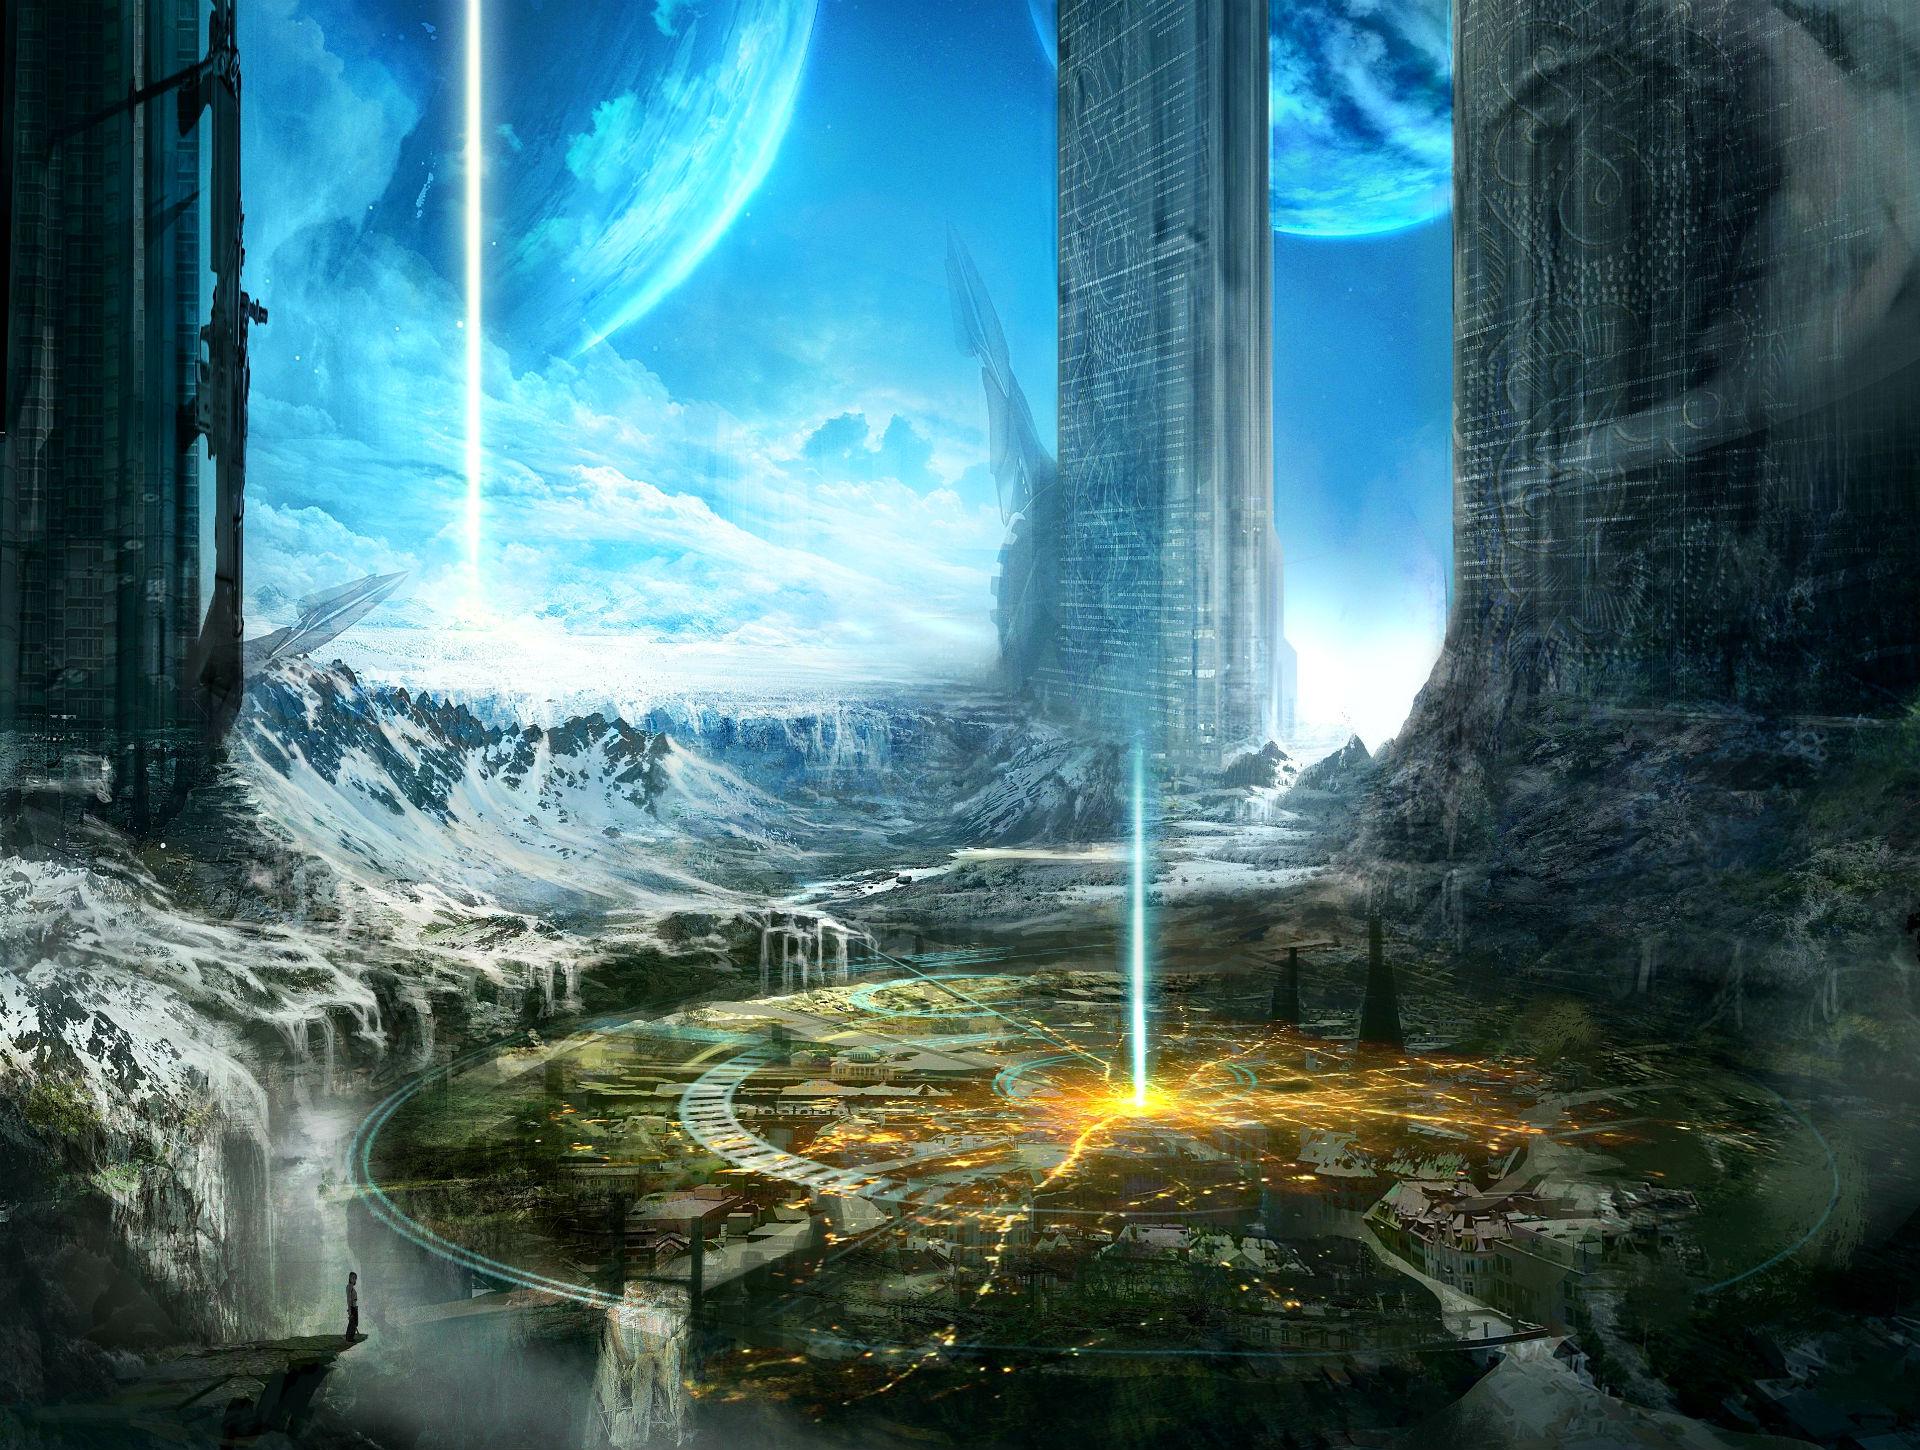 Sci Fi Desktop Backgrounds: Sci Fi City Wallpaper